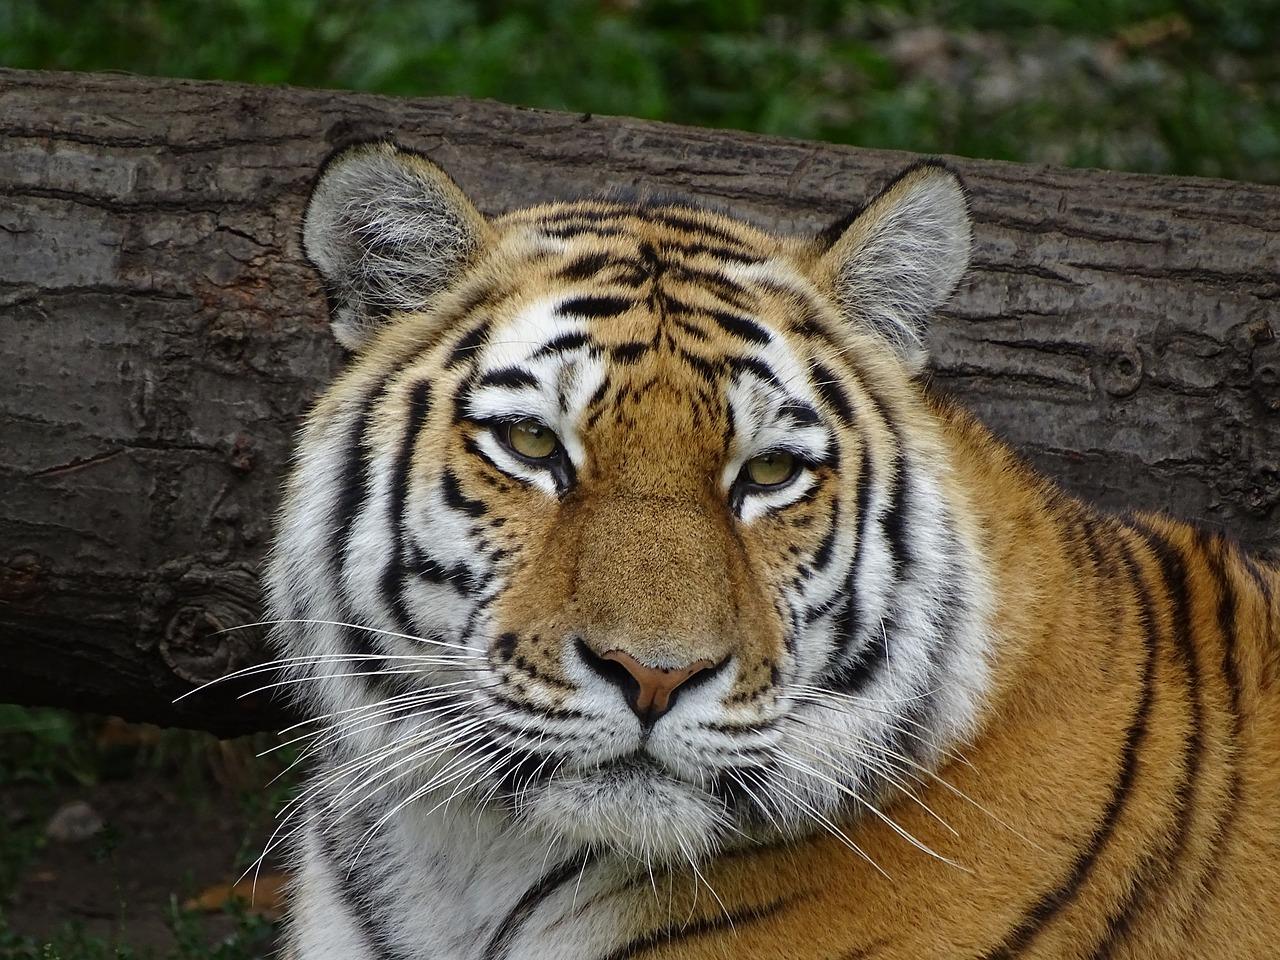 обиженный тигр фото проверенному